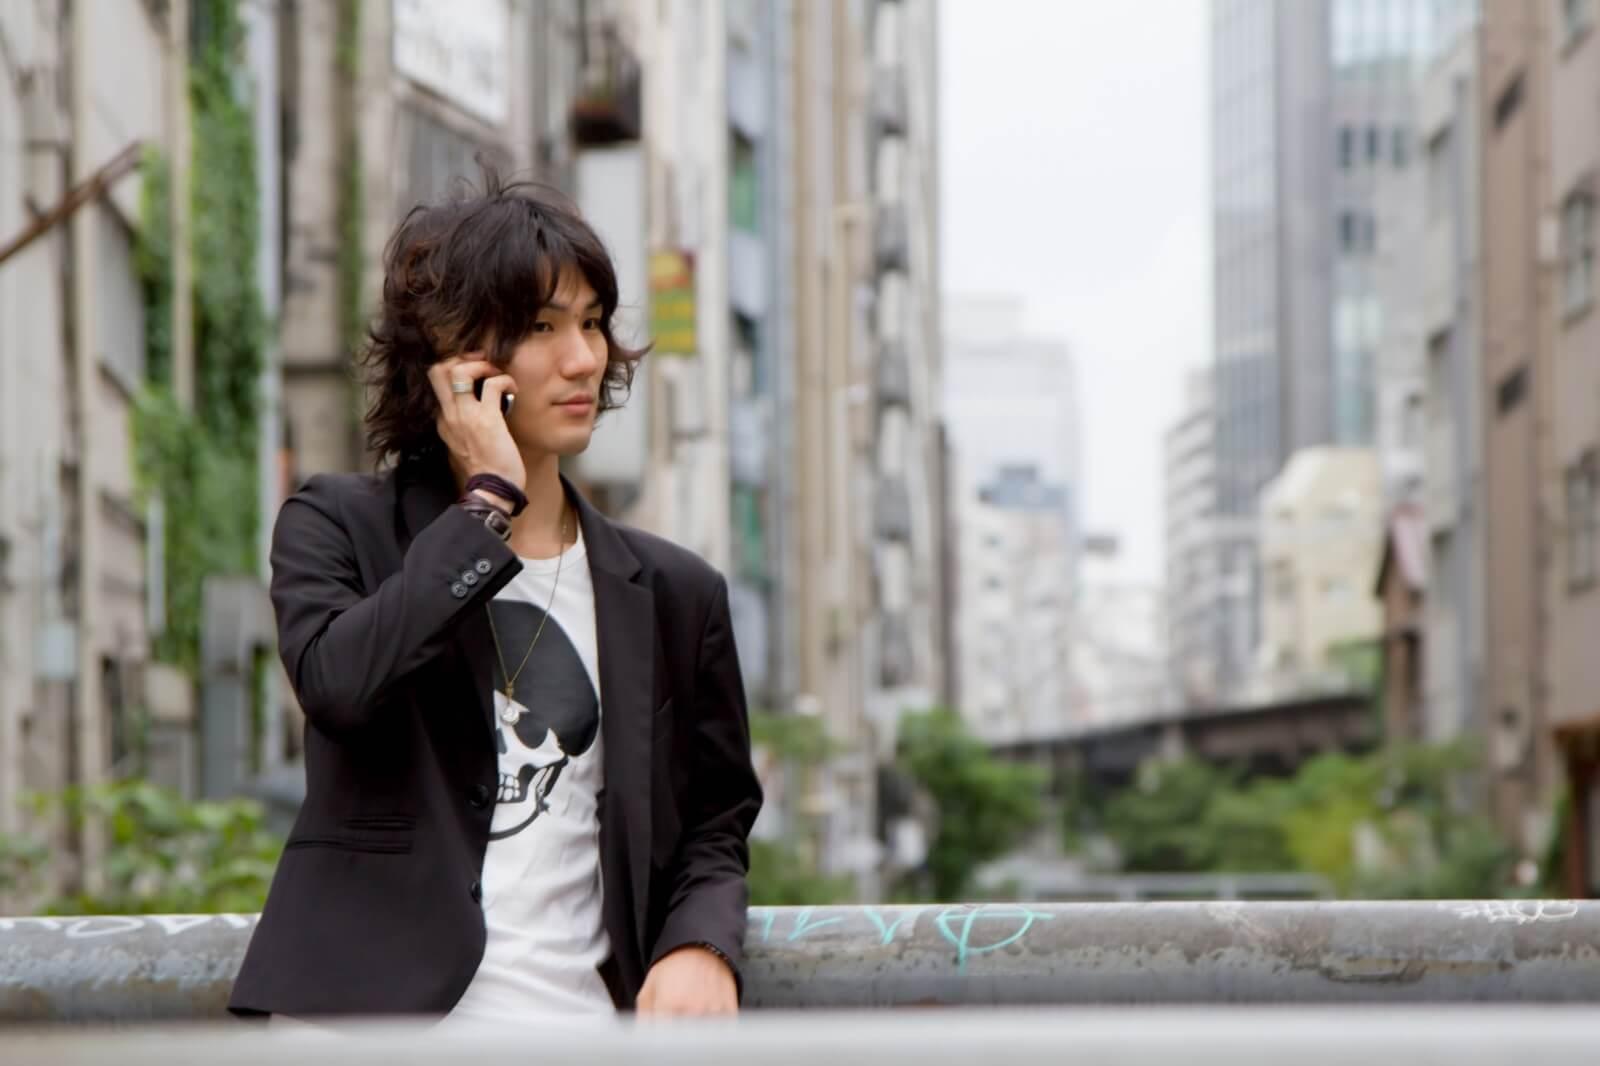 エックスモバイルの格安スマホで電話をする男性